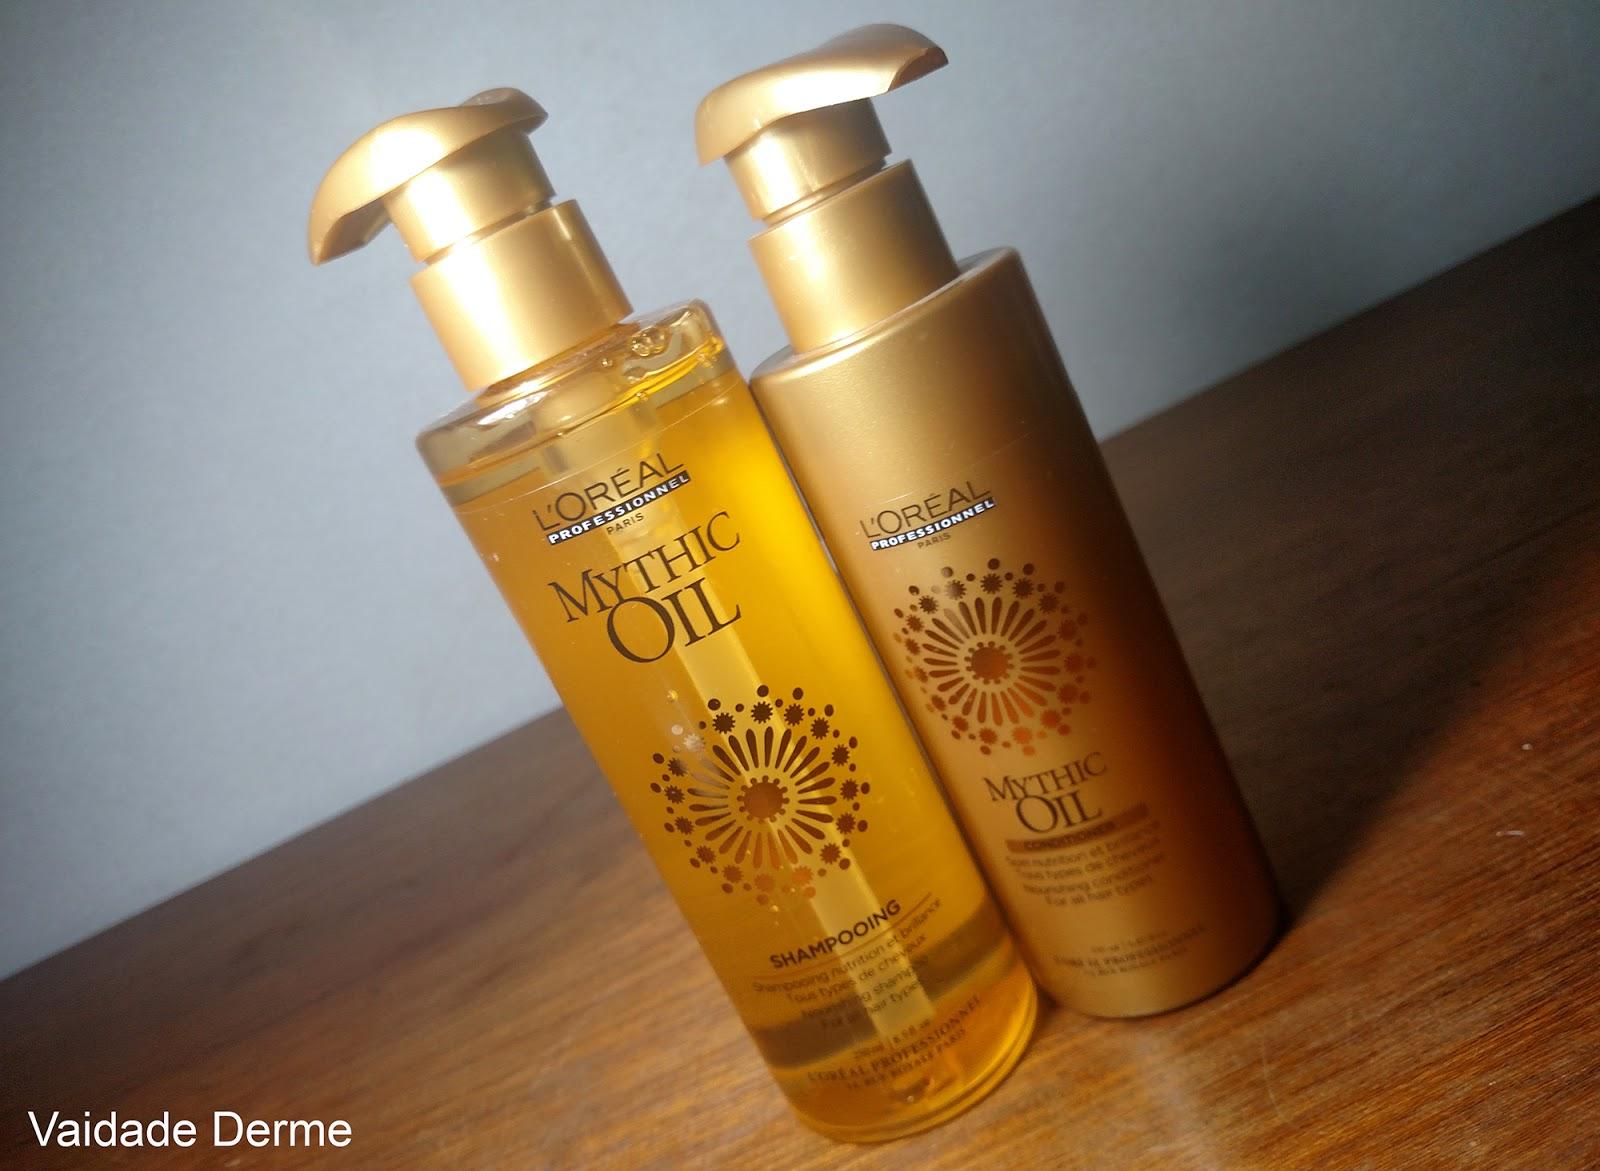 L'Oreal Profissional Mythic Oil Shampoo e Condicionador